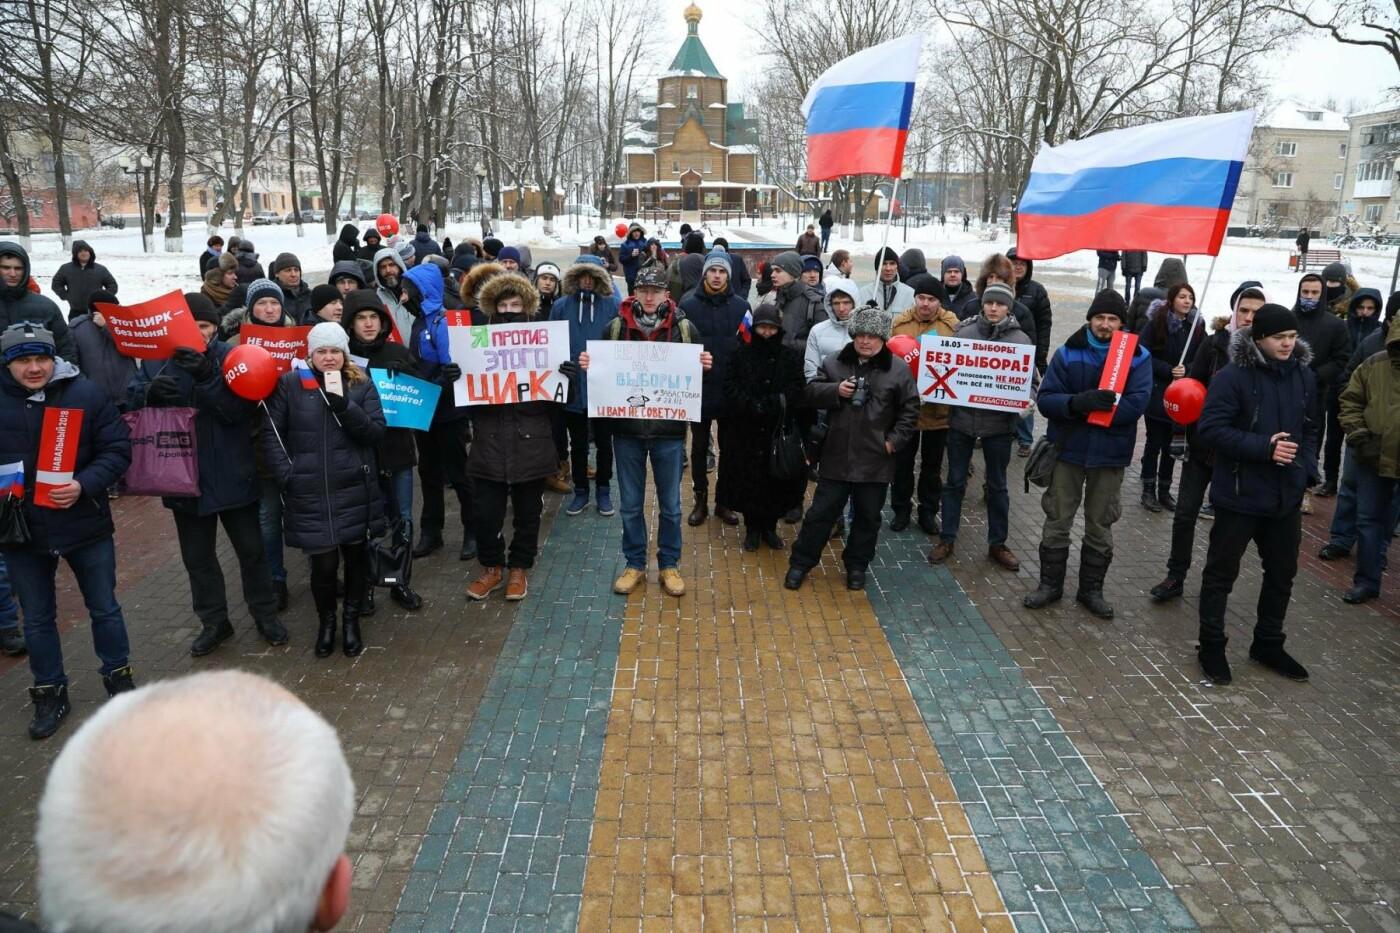 В Белгороде у Дома офицеров прошла «забастовка избирателей» — фоторепортаж, фото-16